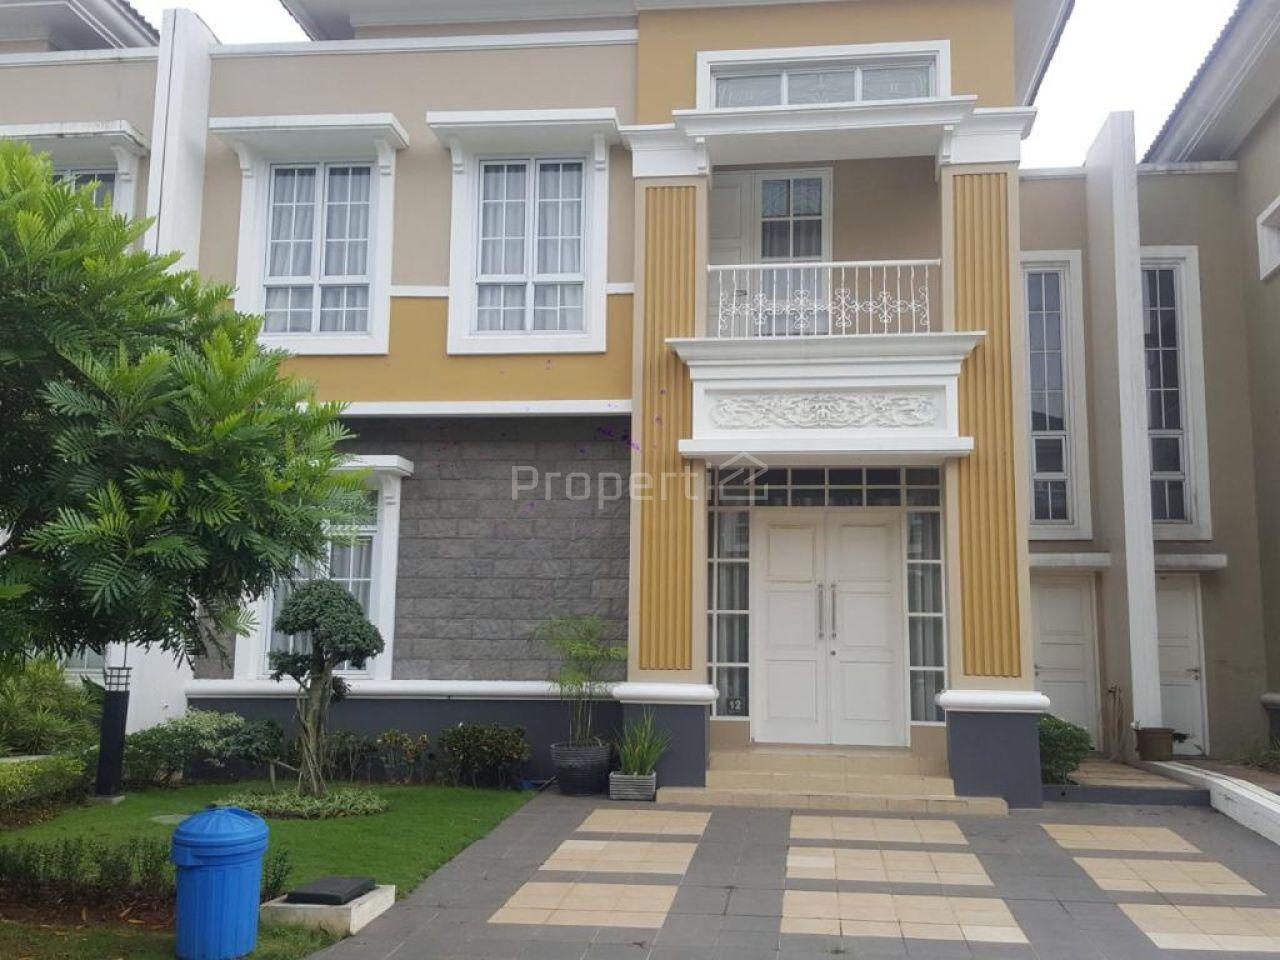 Rumah Baru dalam Cluster di Gading Serpong, Banten